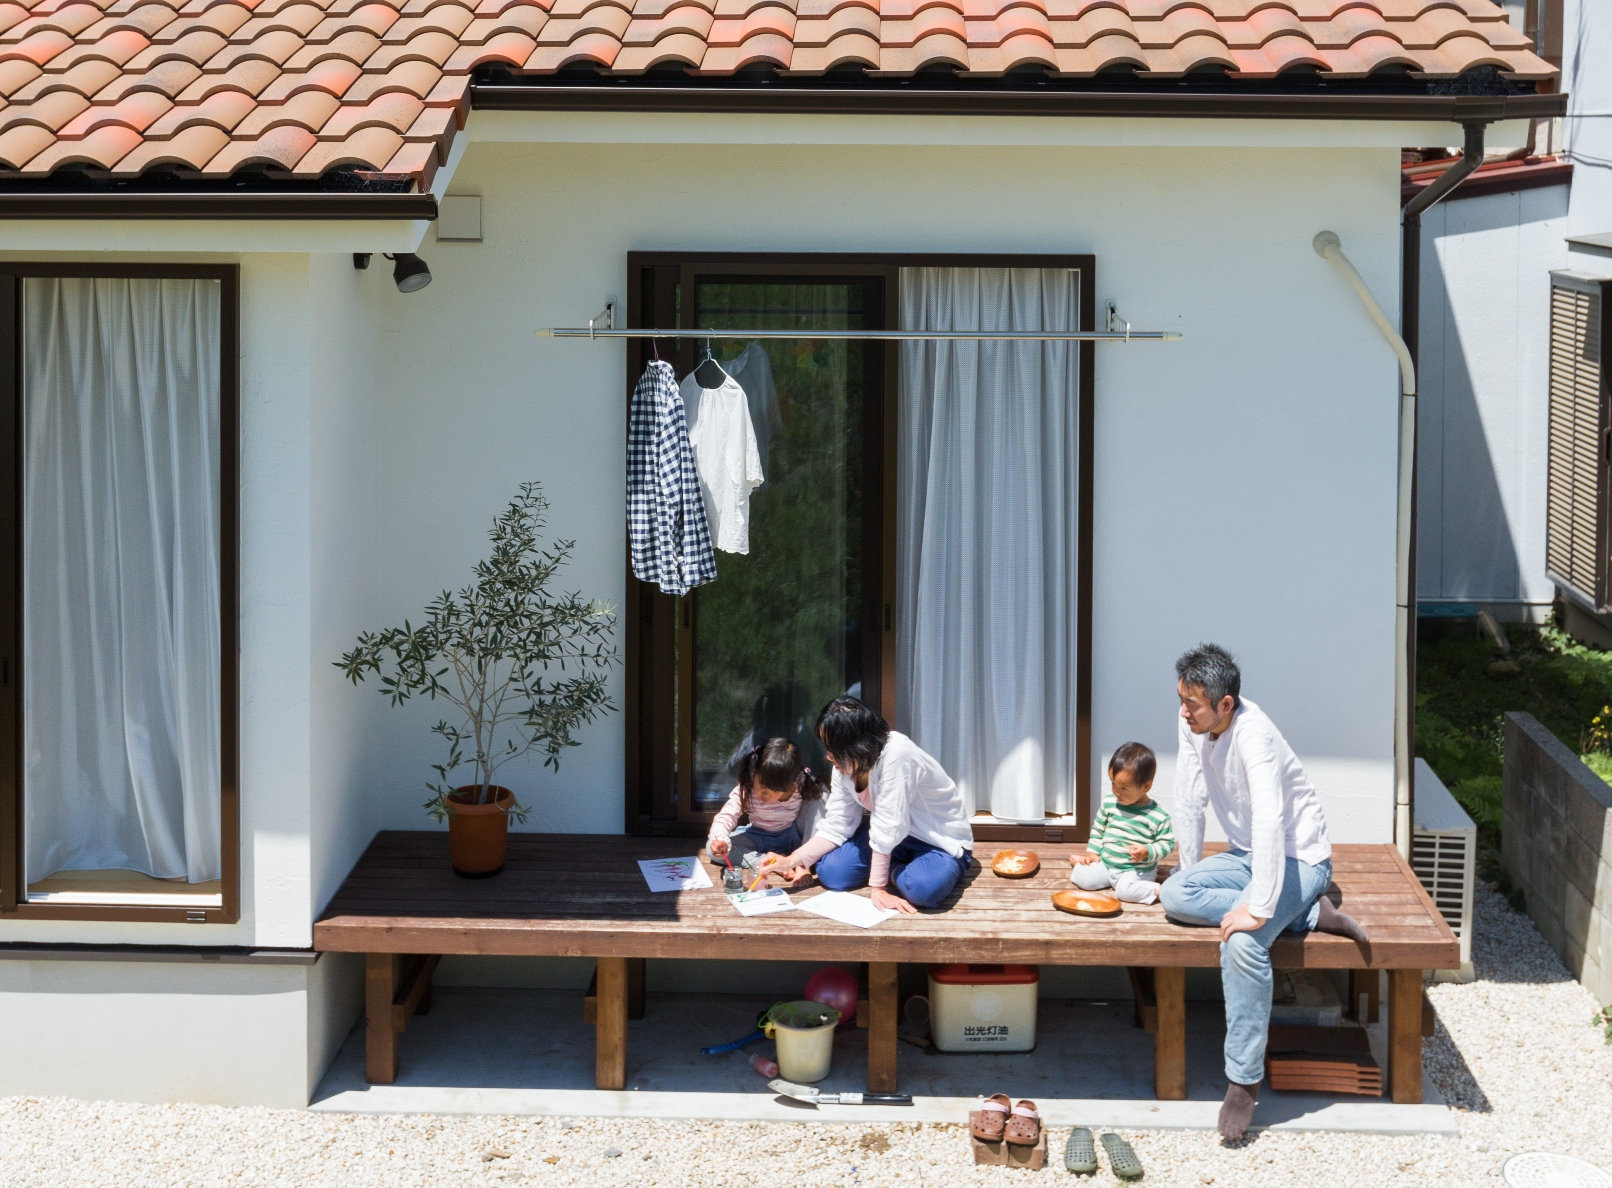 子どもを見守りながら お料理と自然空間を楽しむ暮らし